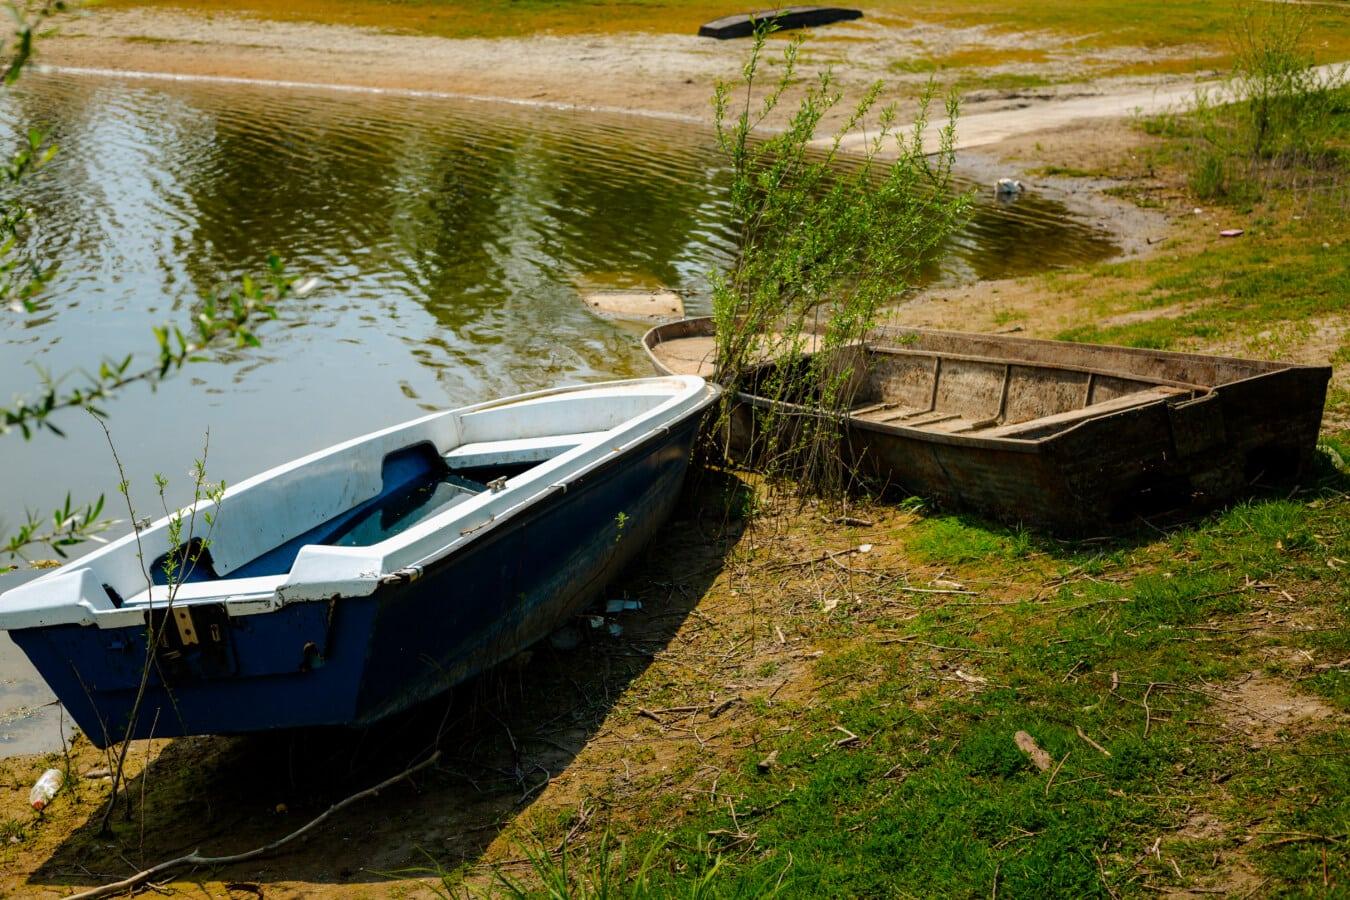 Verfall, verlassen, Flussschiff, Fluss, Flussufer, Frühling, Wasser, Boot, See, Natur